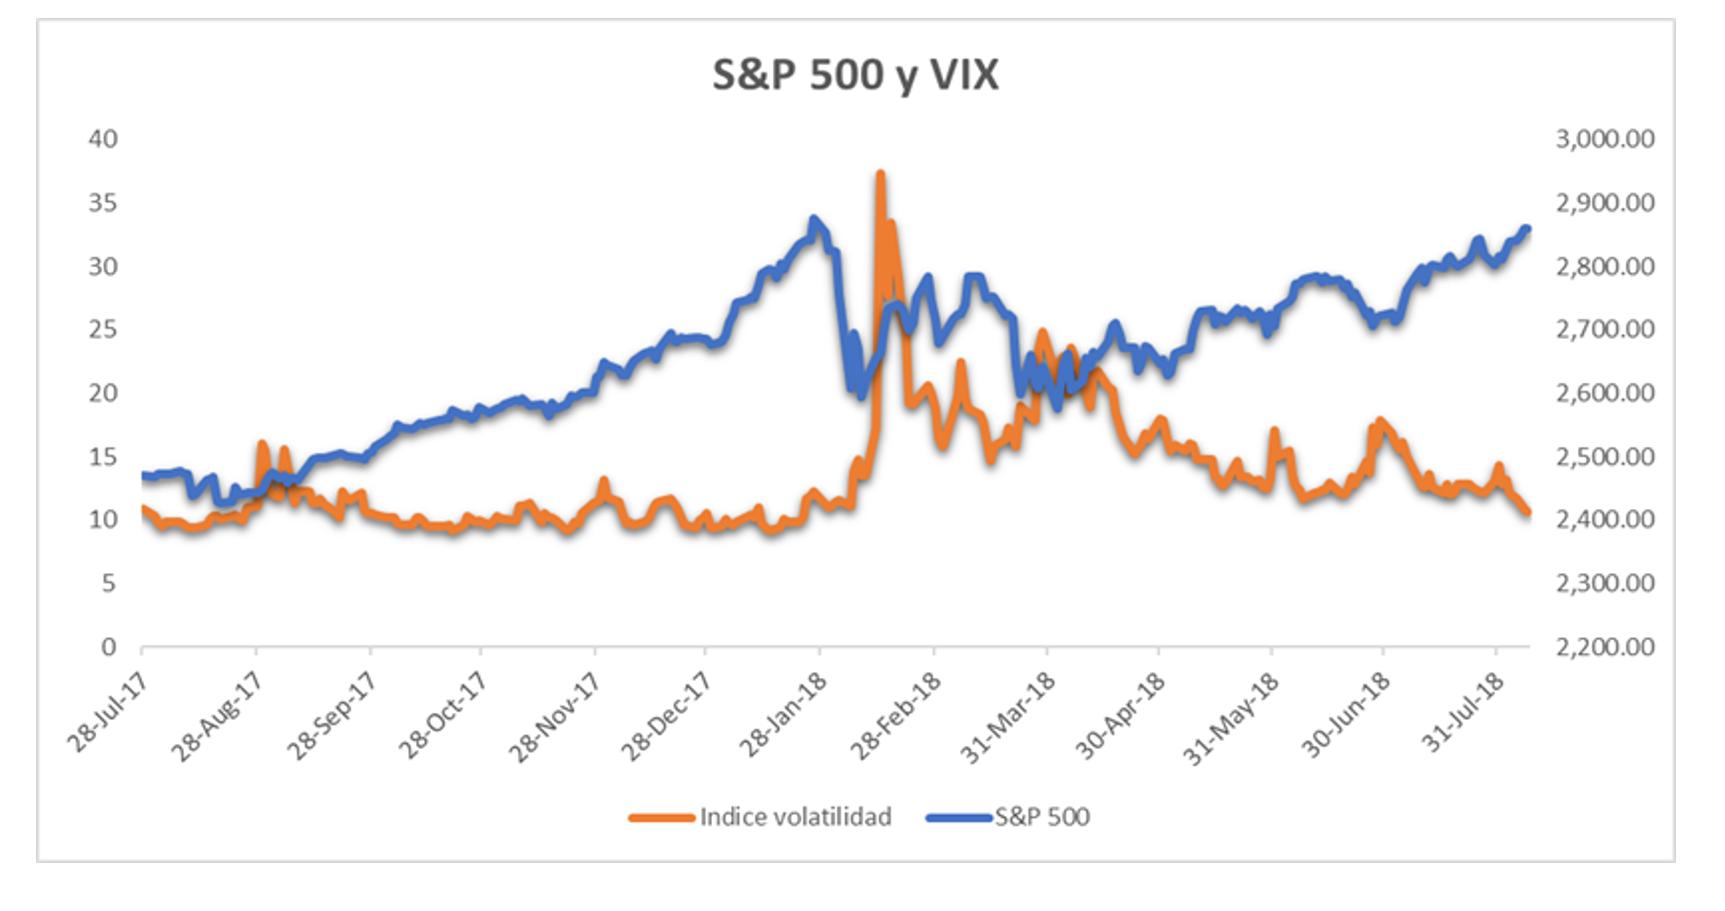 S&P 500 y VIX